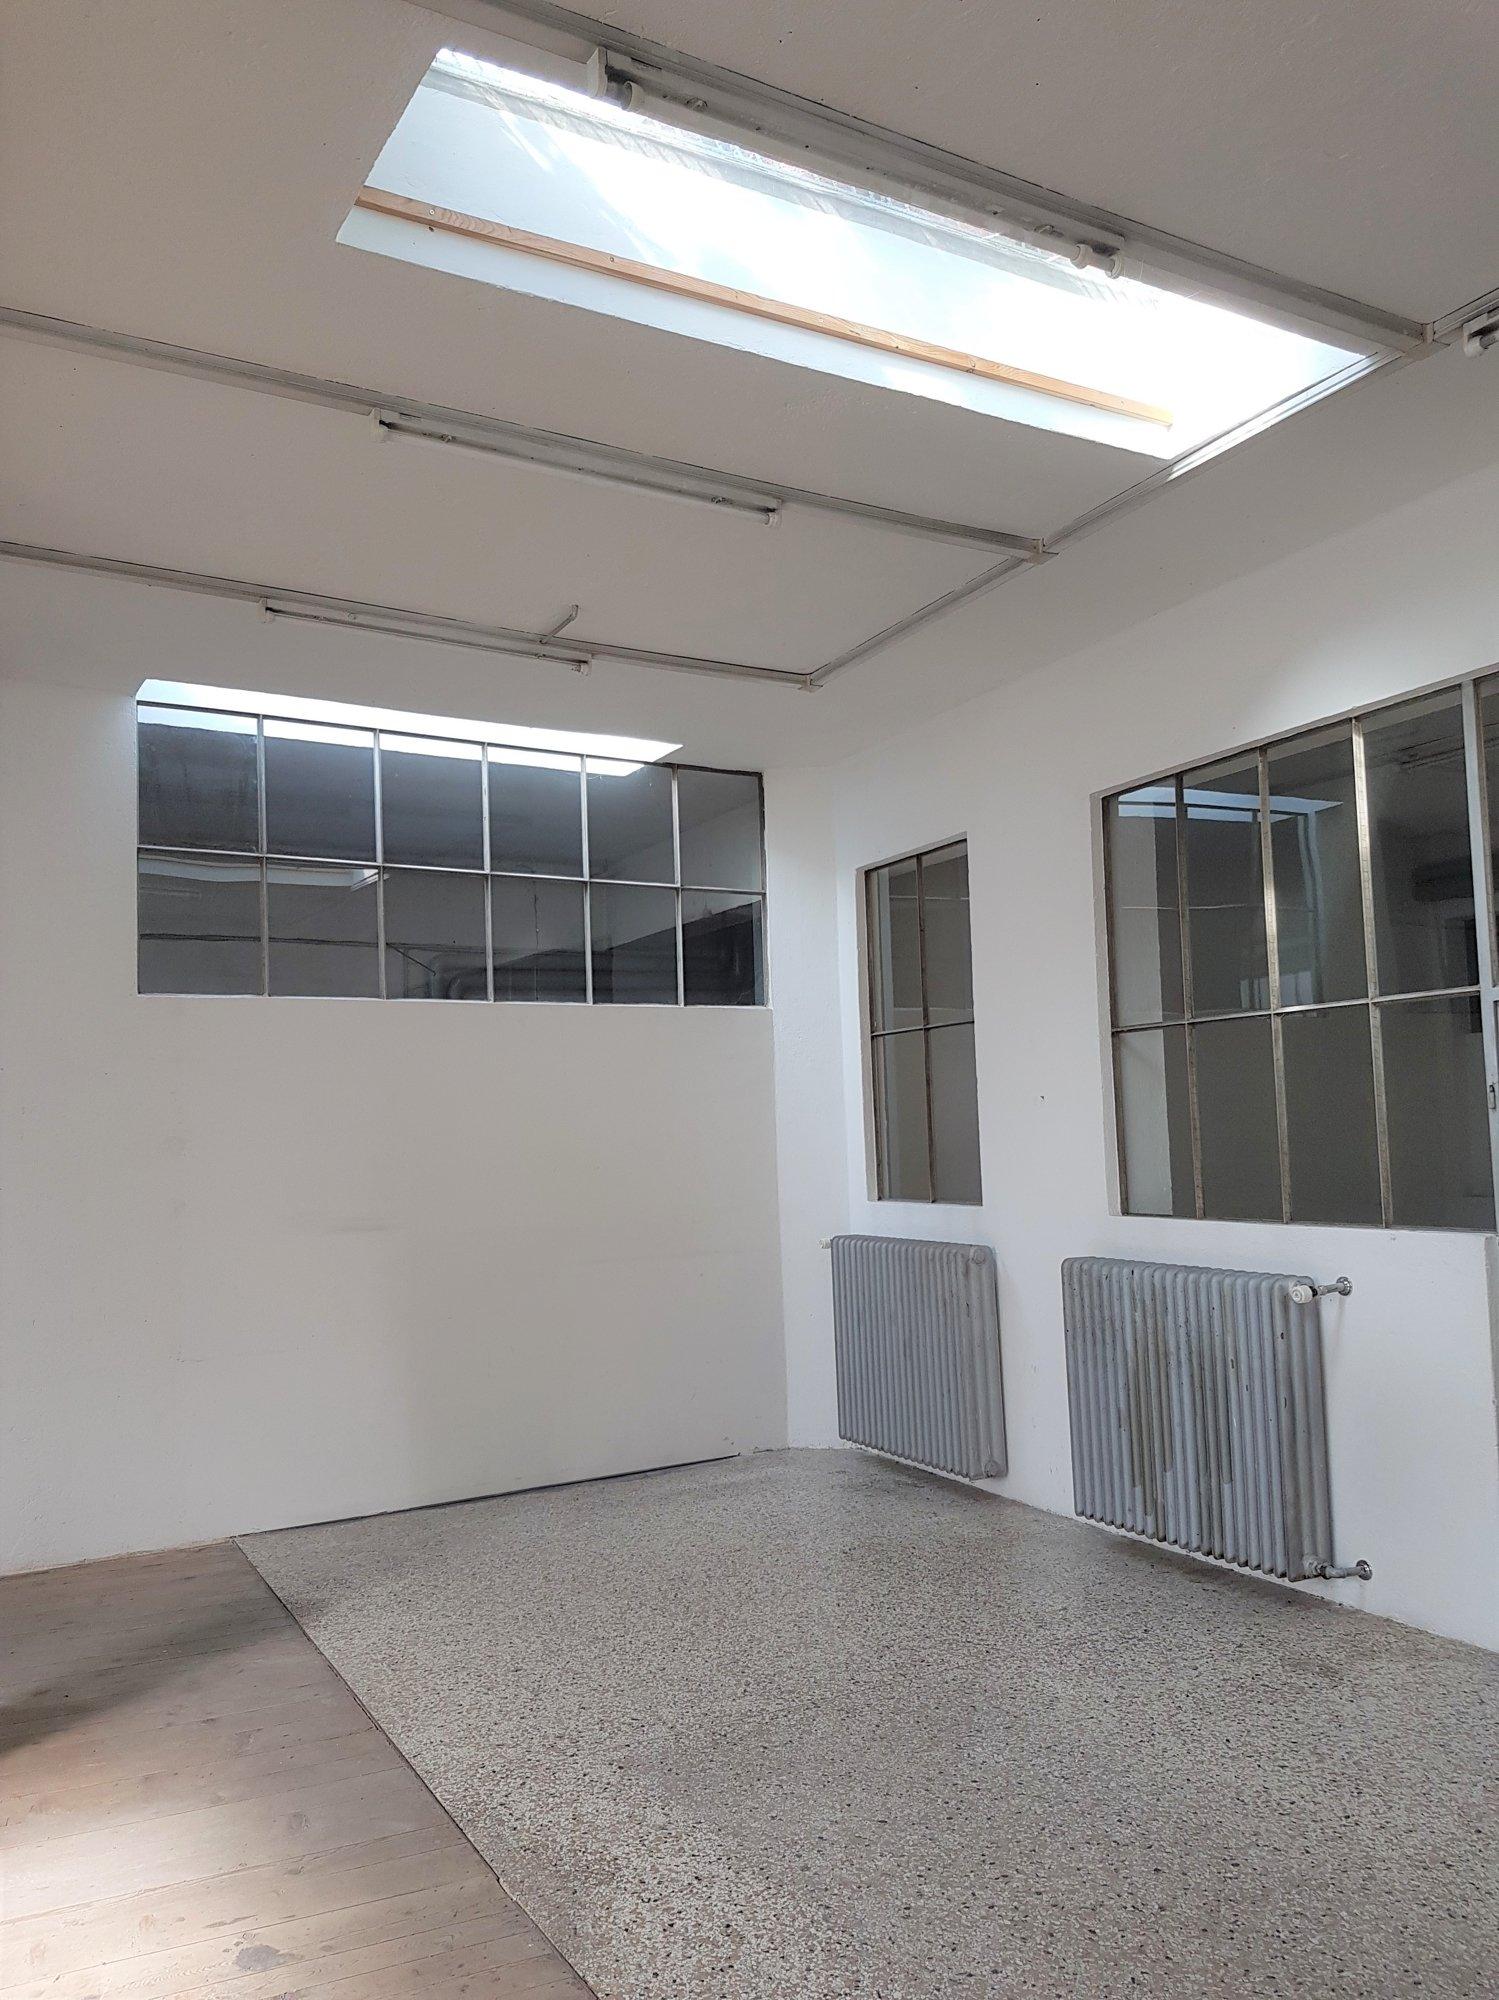 Hohe Räume_soffitti alti